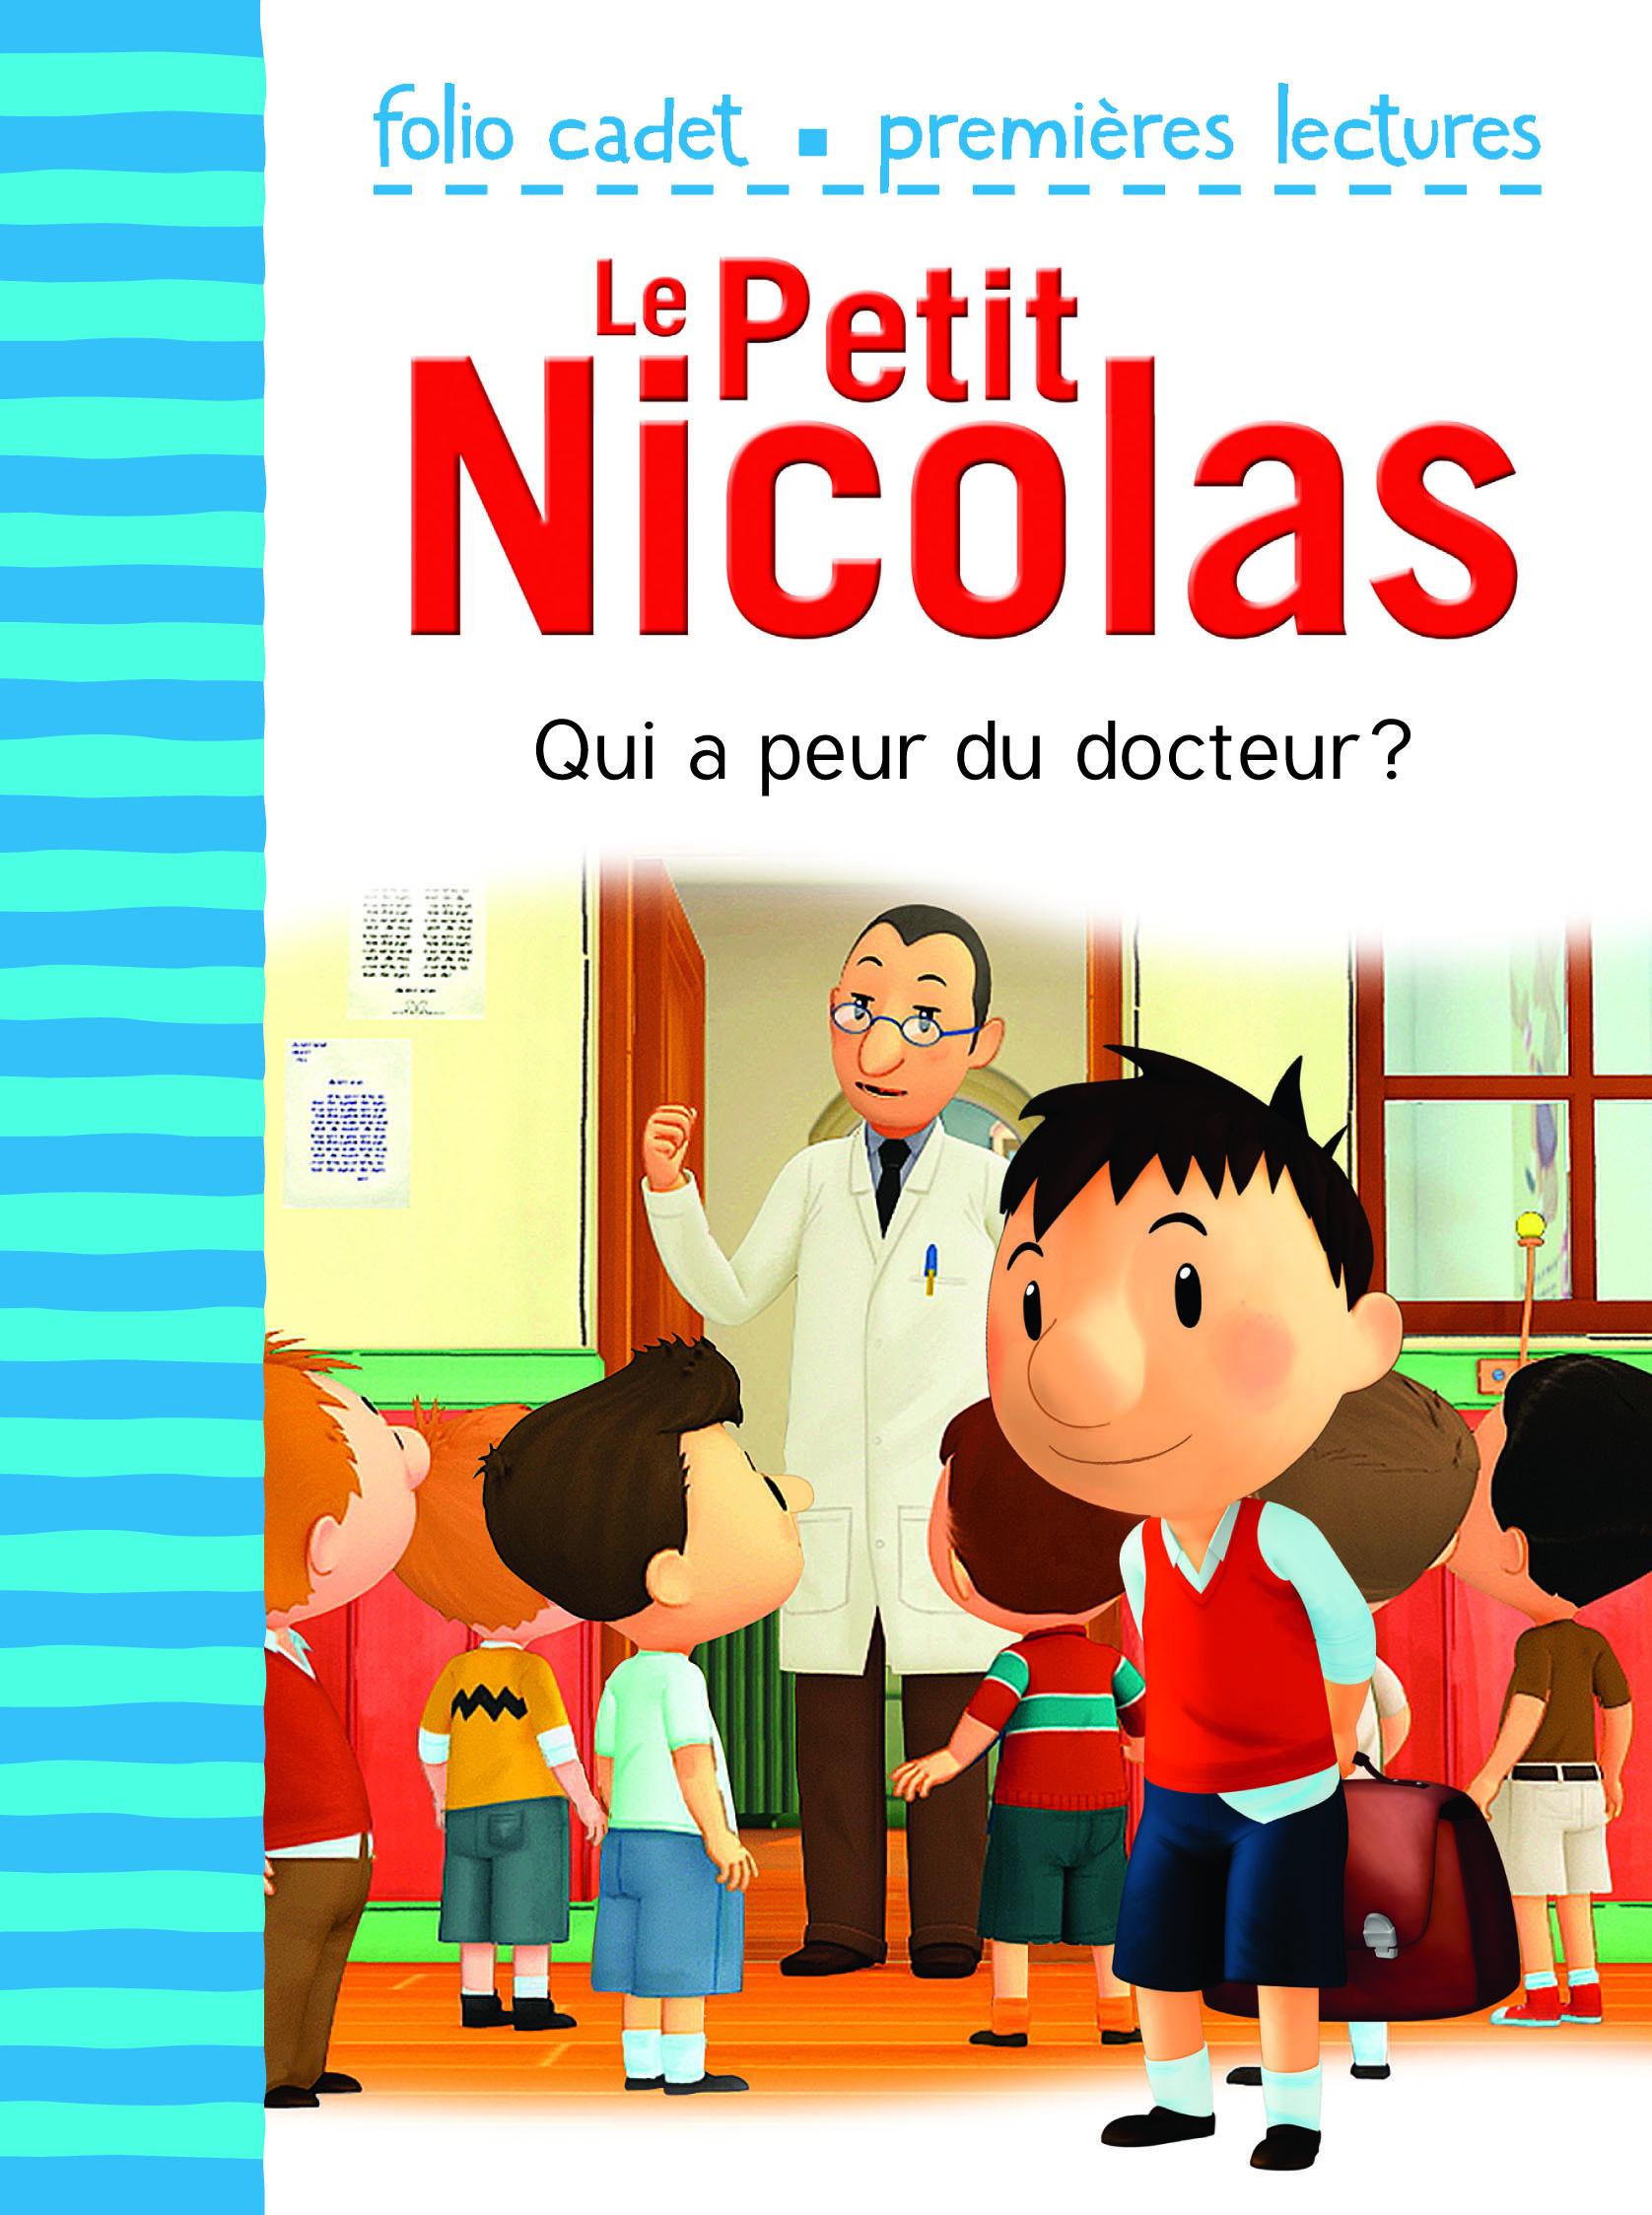 QUI A PEUR DU DOCTEUR ?